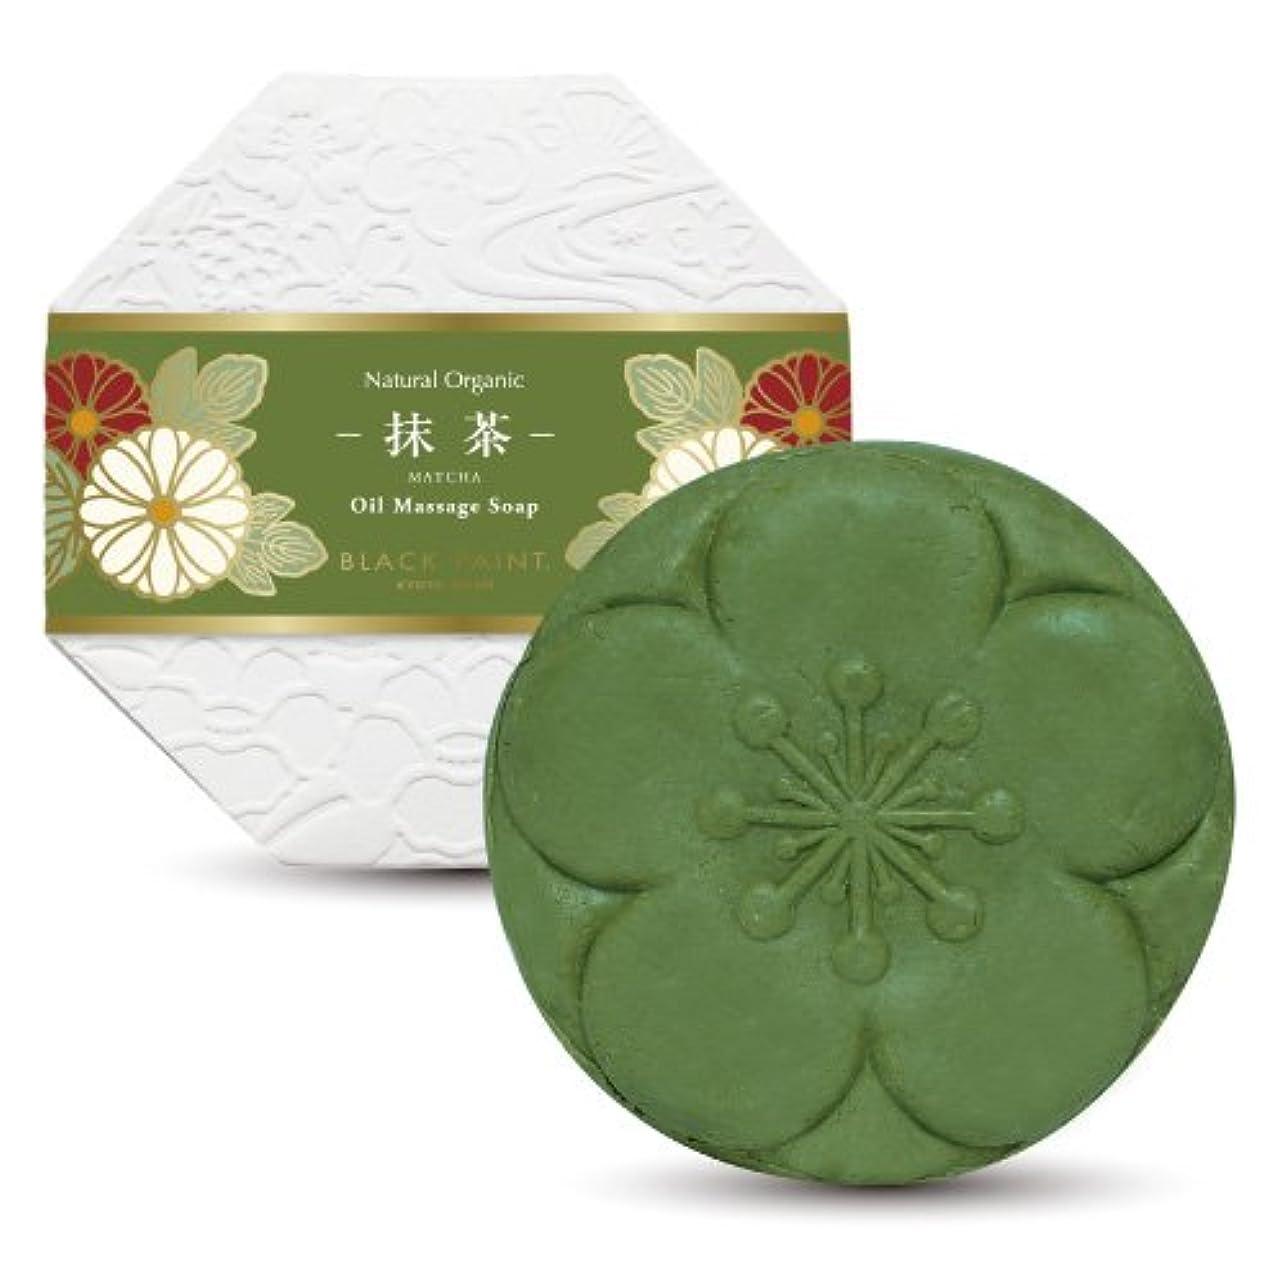 バストモナリザペット京のお茶石鹸 抹茶 120g 塗る石鹸